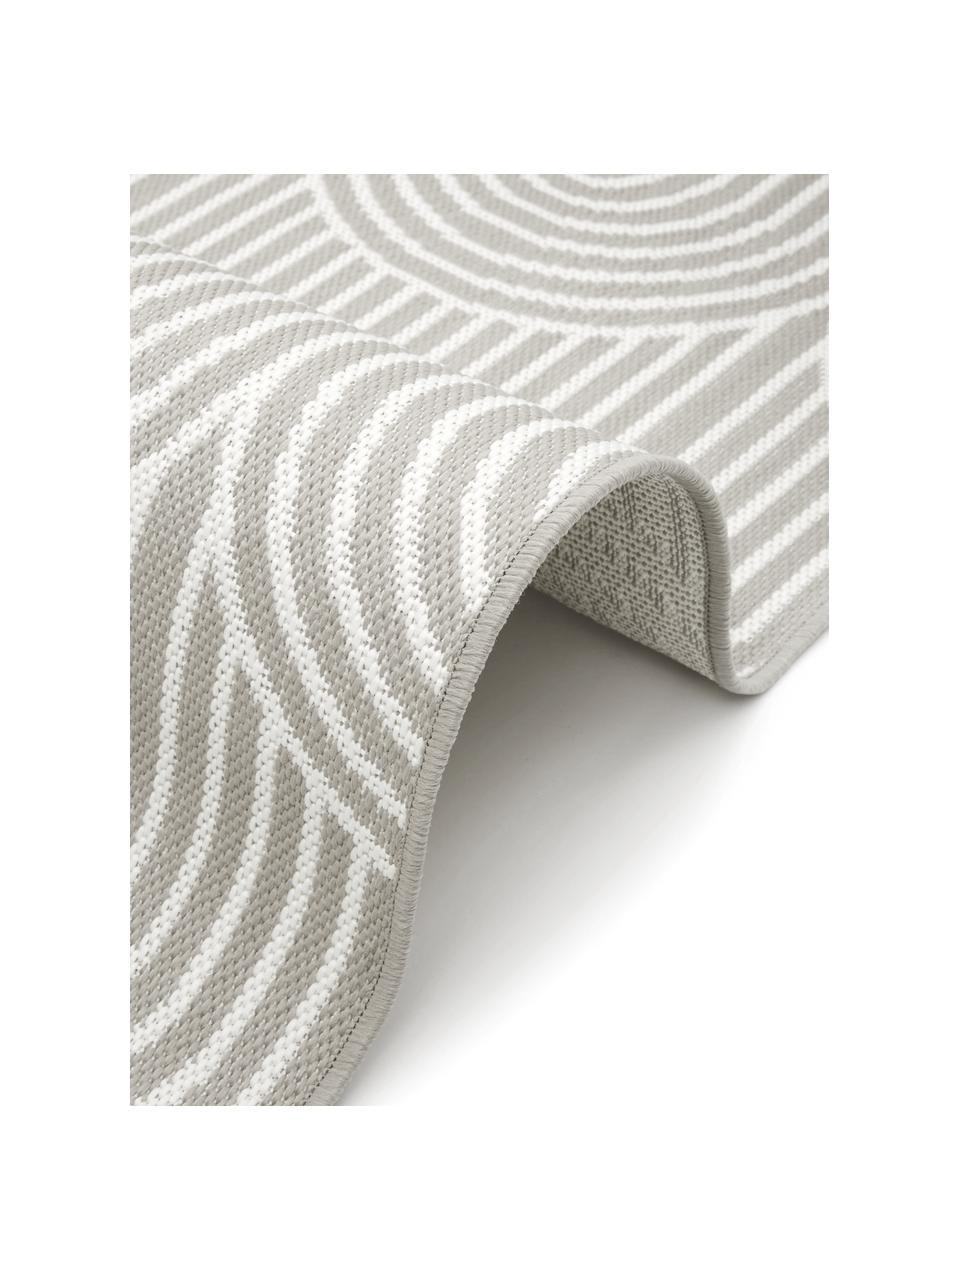 Tappeto grigio/bianco da interno-esterno Arches, 86% polipropilene, 14% poliestere, Grigio, bianco, Larg. 200 x Lung. 290 cm (taglia L)